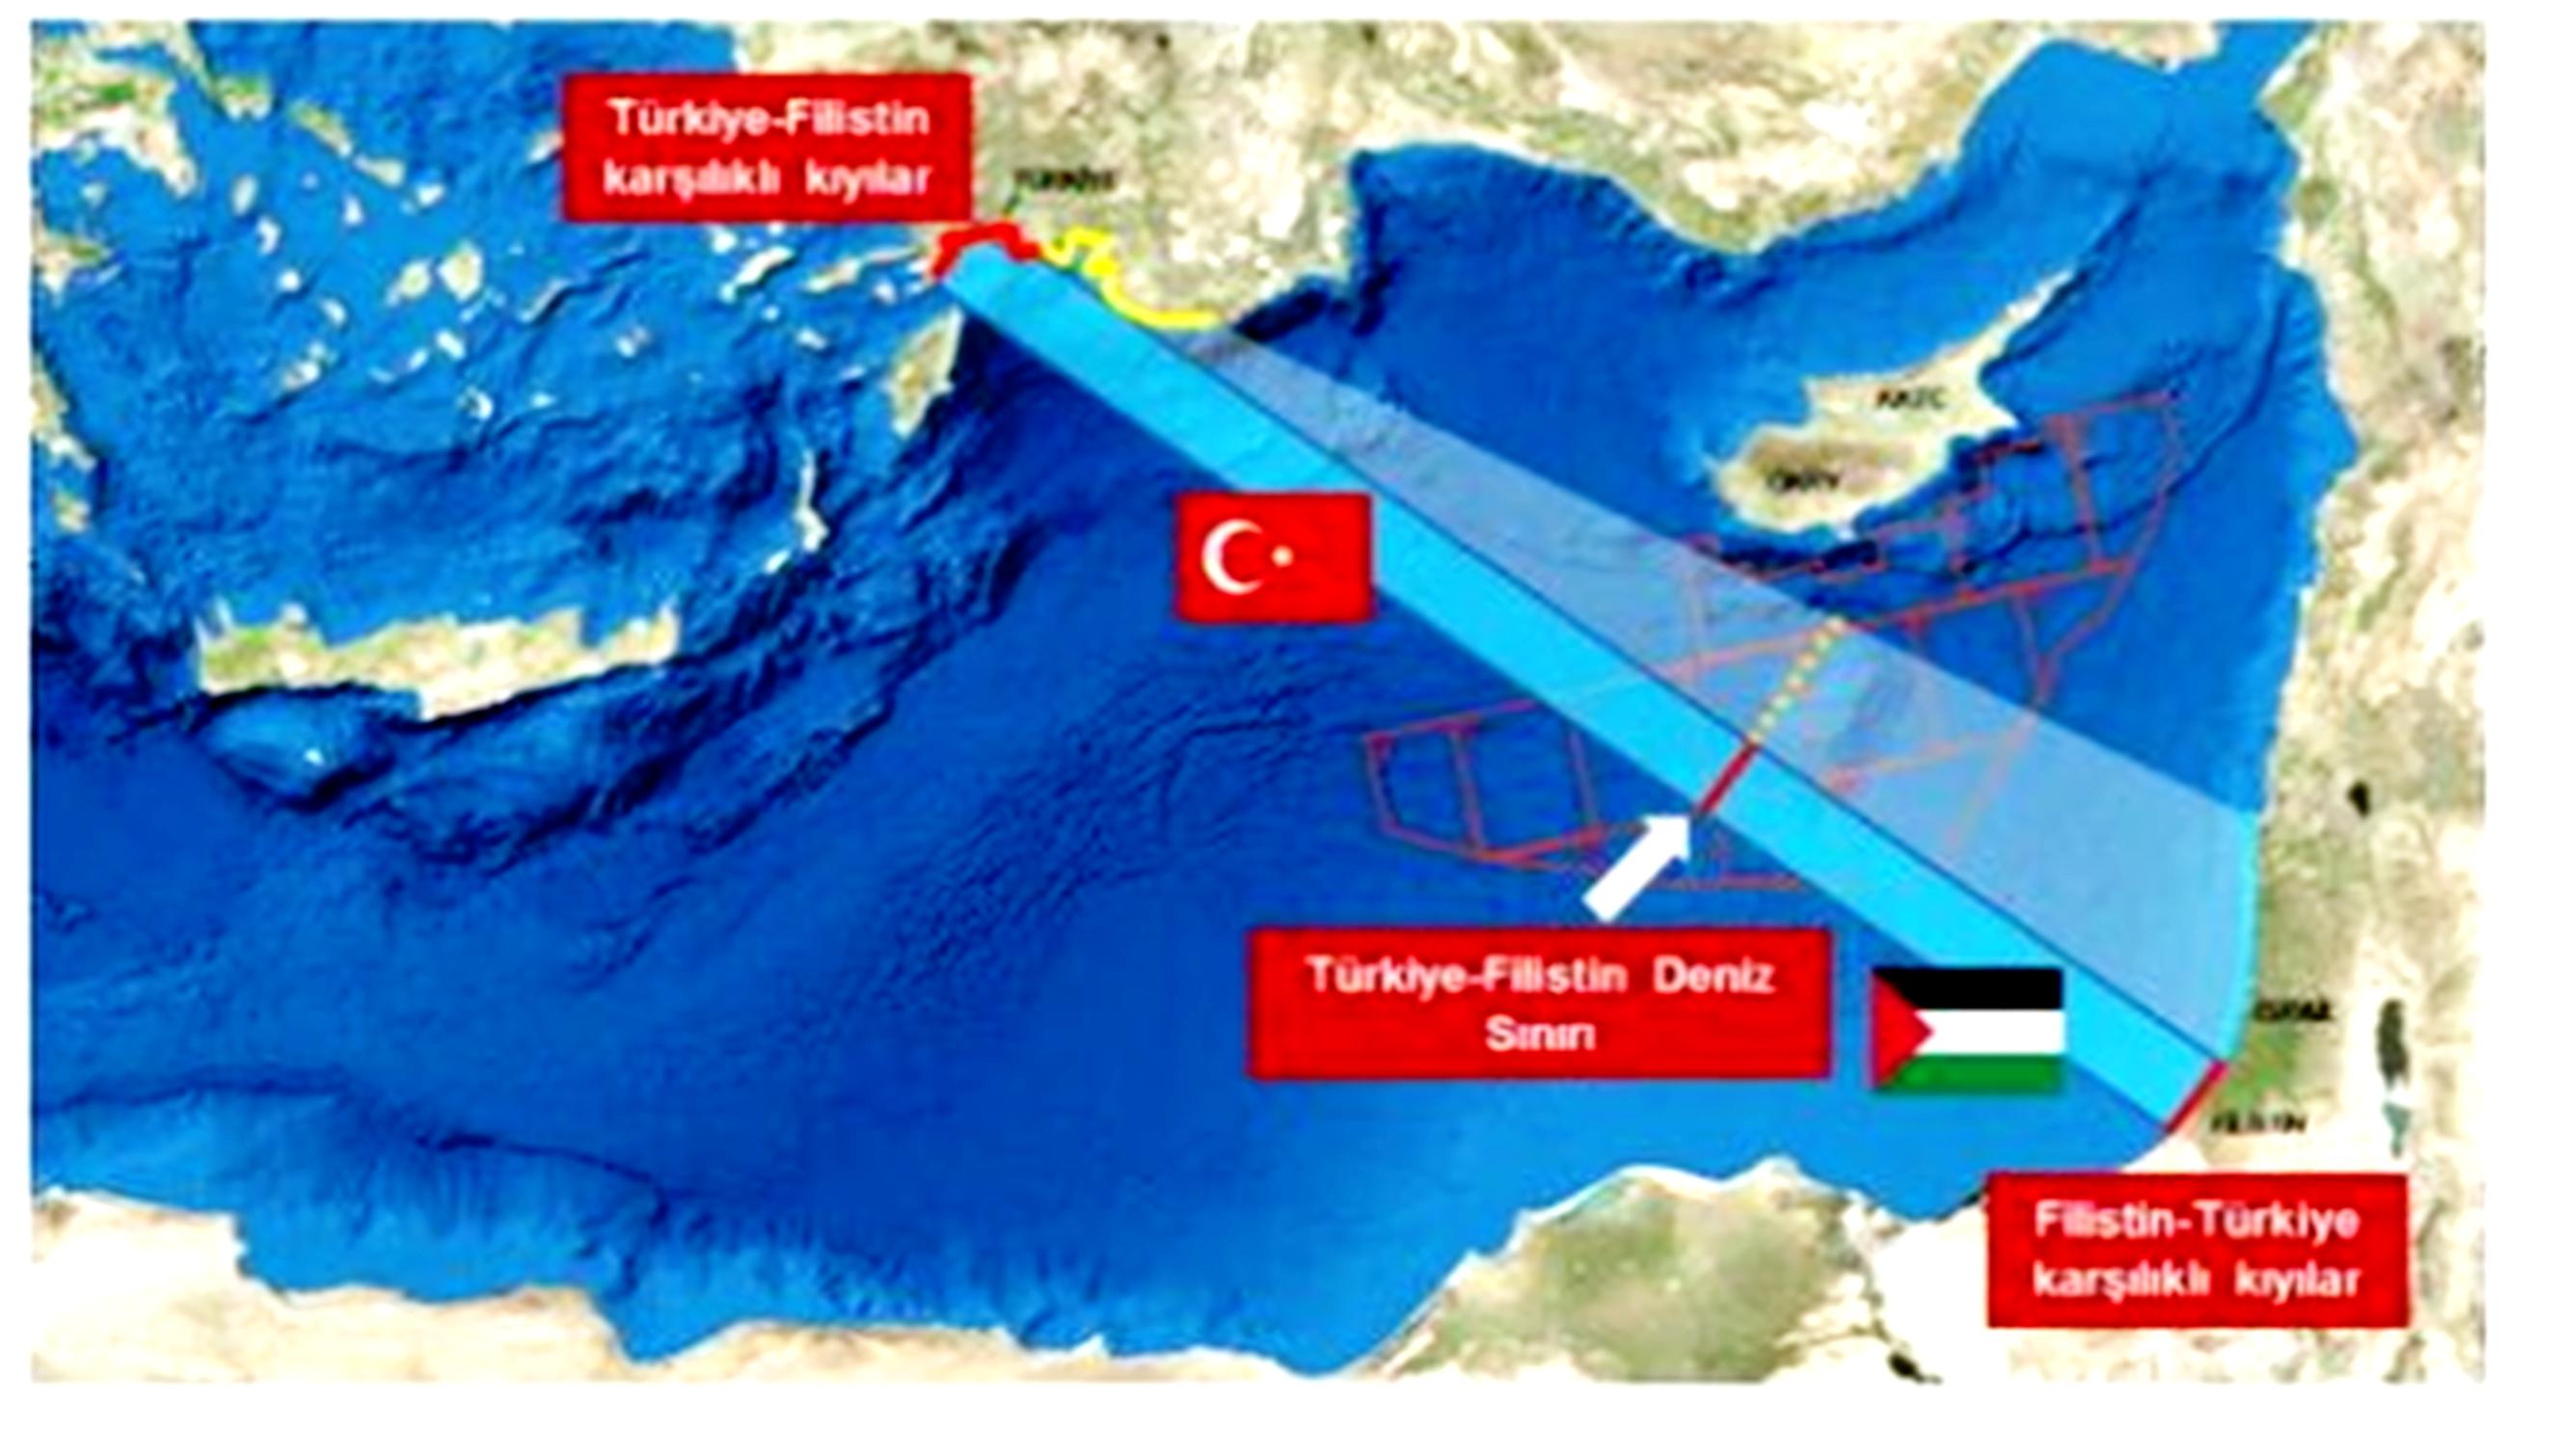 Η Τουρκία αμφισβητεί την ΑΟΖ του Ισραήλ – Οι Παλαιστίνιοι ...